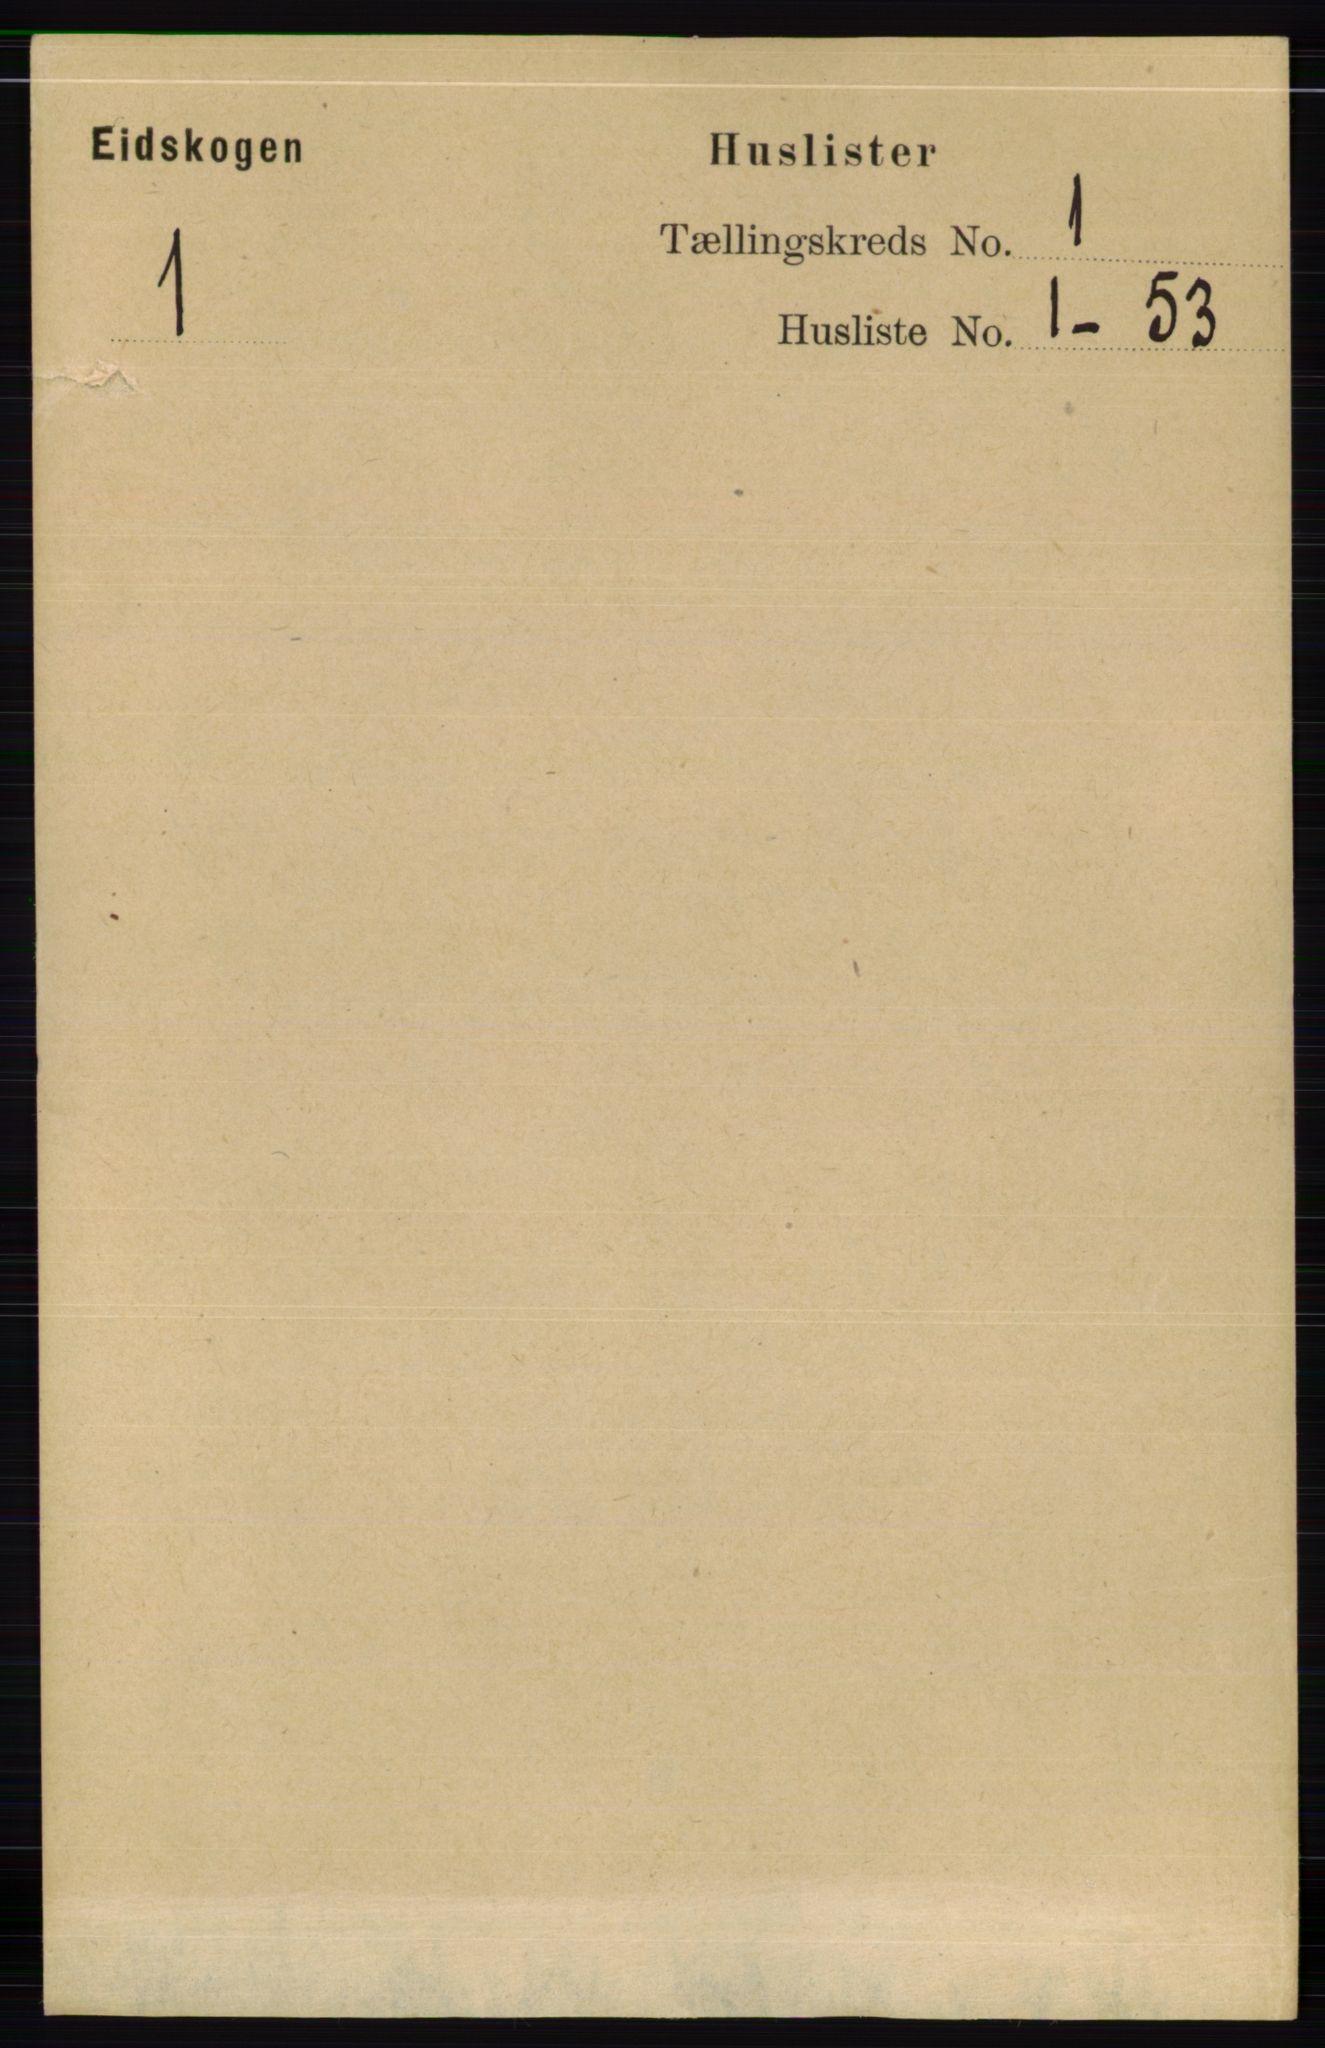 RA, Folketelling 1891 for 0420 Eidskog herred, 1891, s. 38